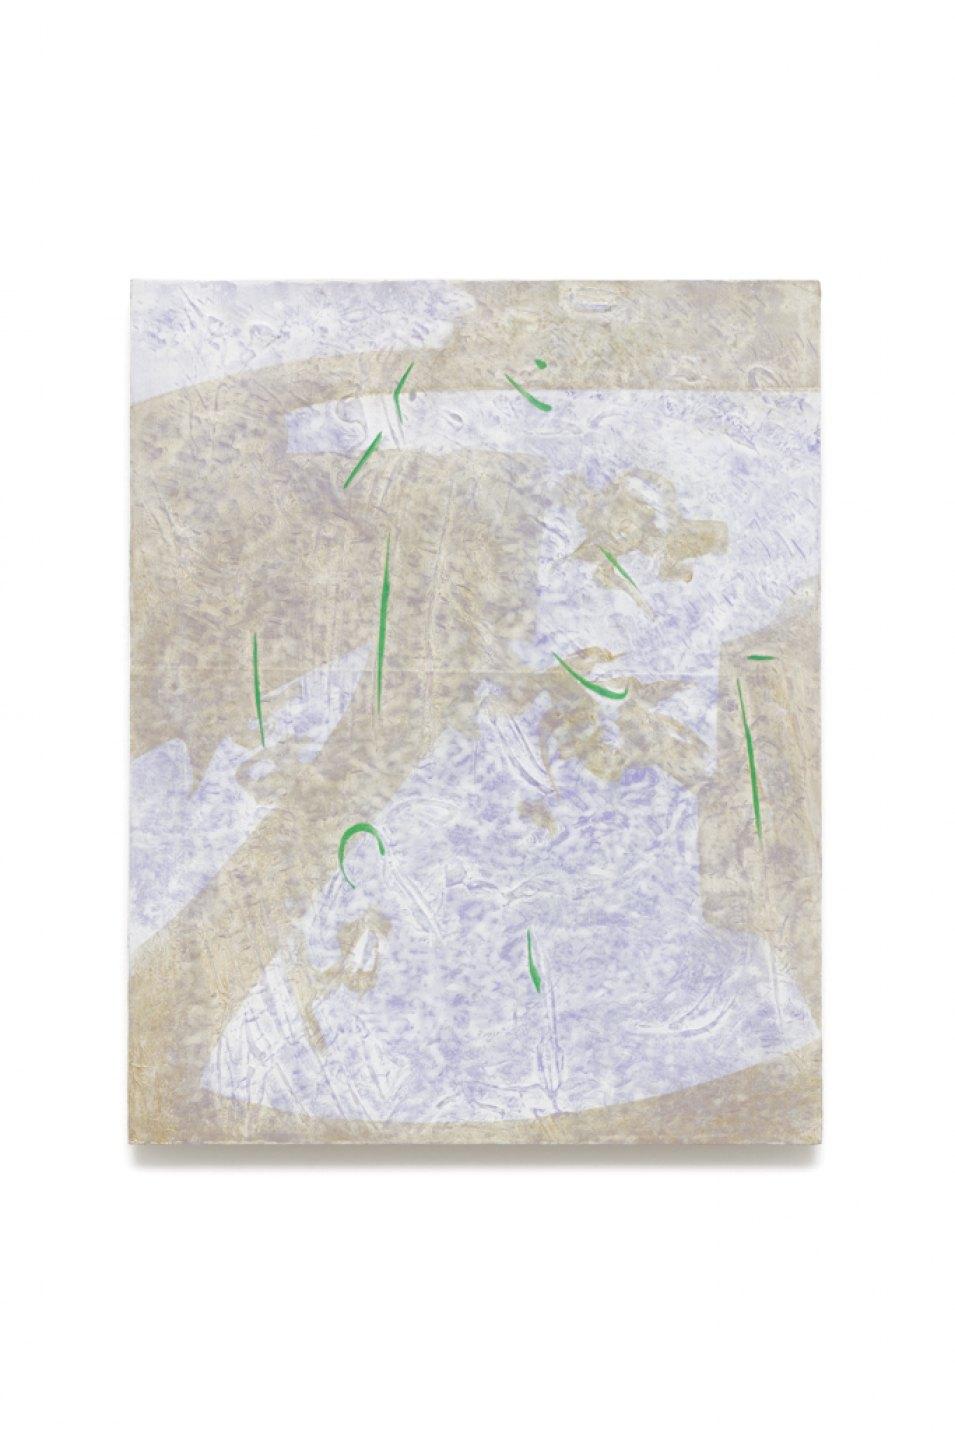 Iulia Nistor, <em>Evidence E/L0 F8 P8,</em>2017, oil on wood, 50 × 40 cm - Mendes Wood DM